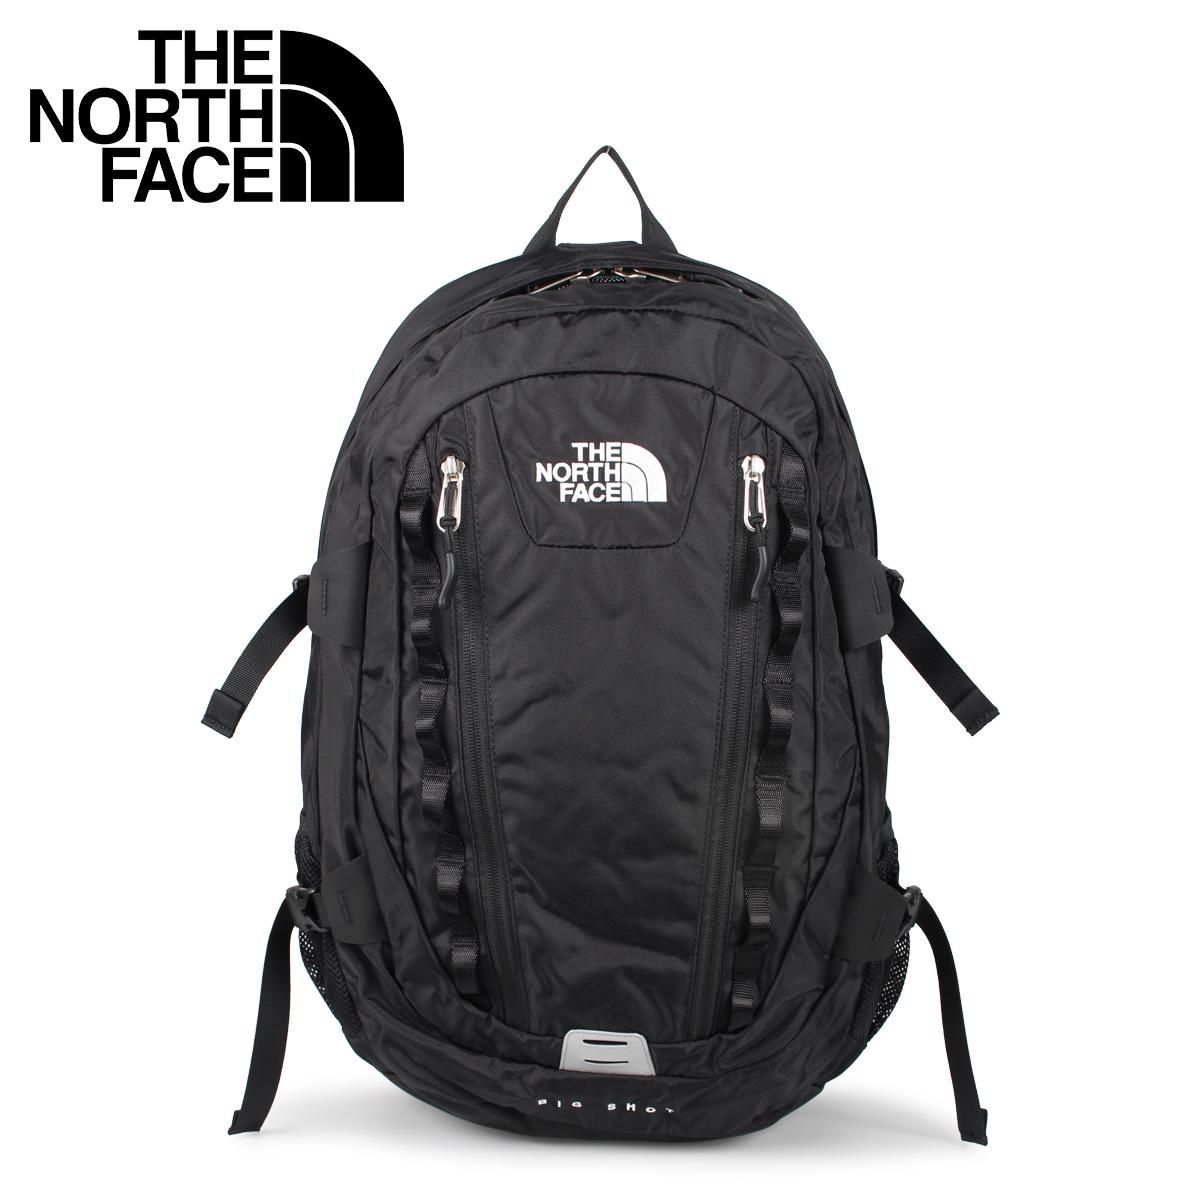 THE NORTH FACE ノースフェイス リュック バッグ バックパック ビッグショット メンズ レディース 32L BIG SHOT CLASSIC ブラック 黒 NM72005 [4/17 新入荷]